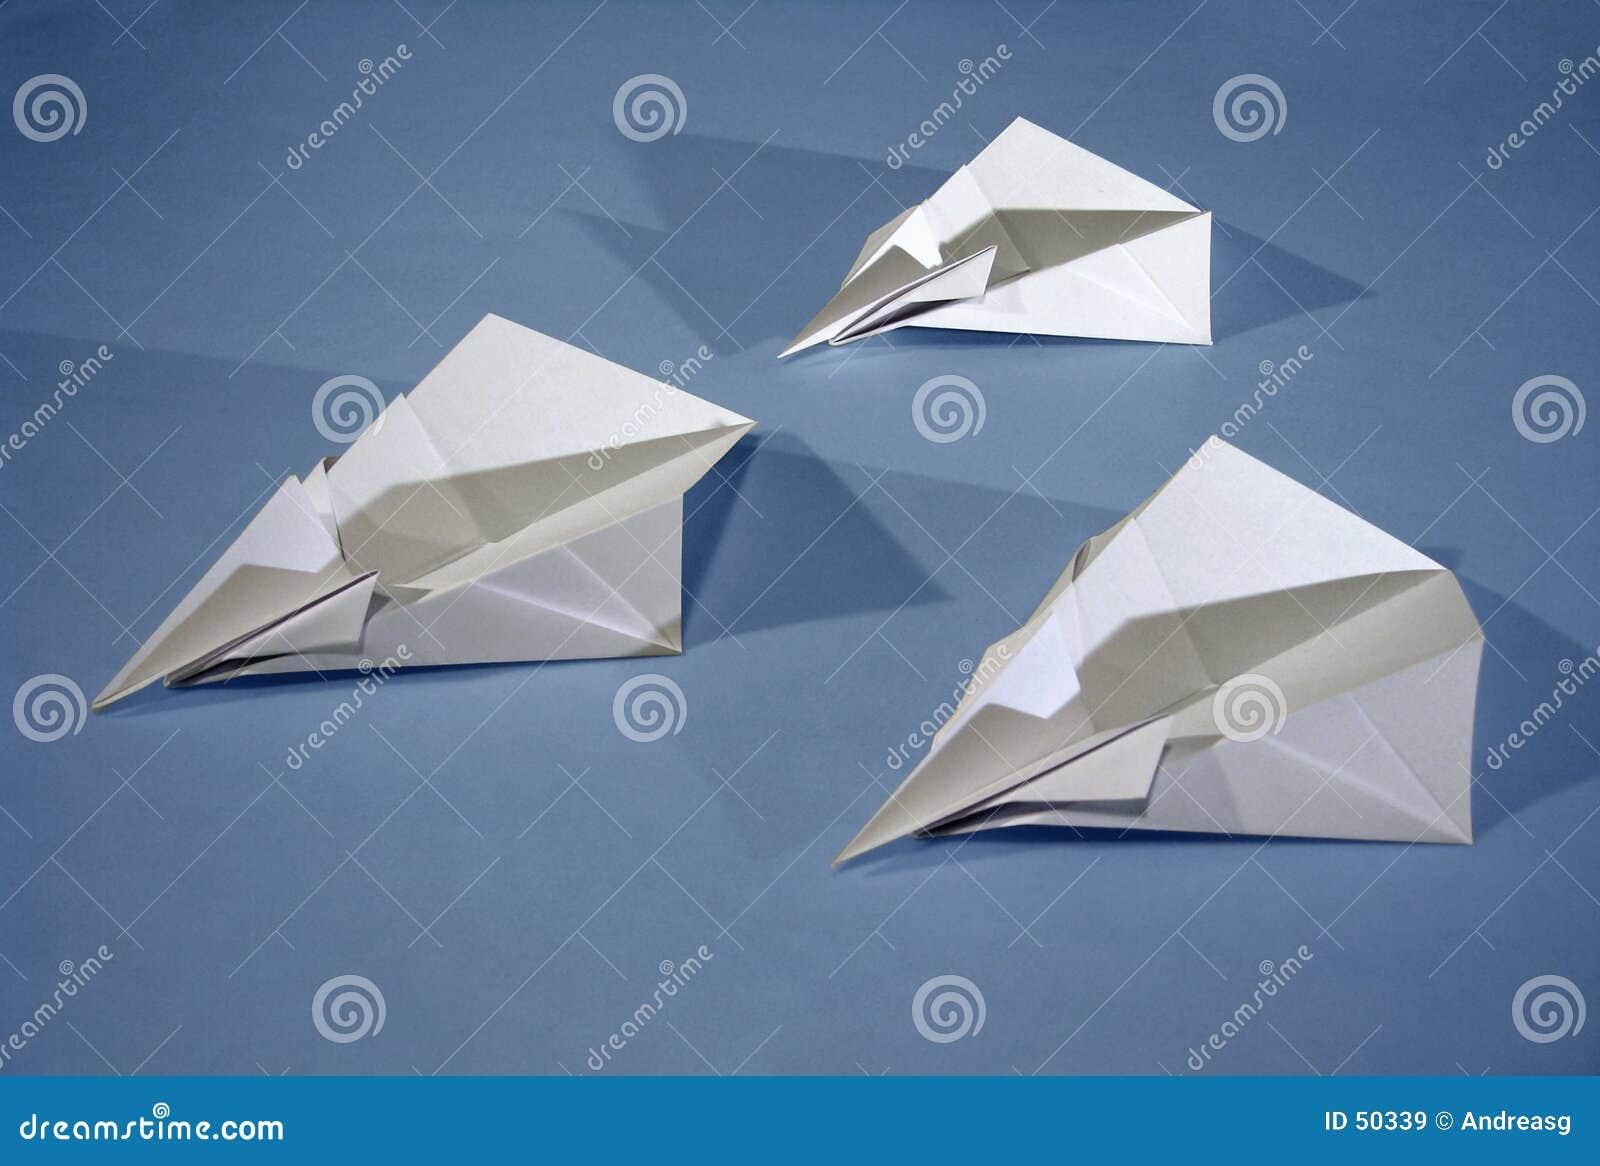 3 samolotów, papier